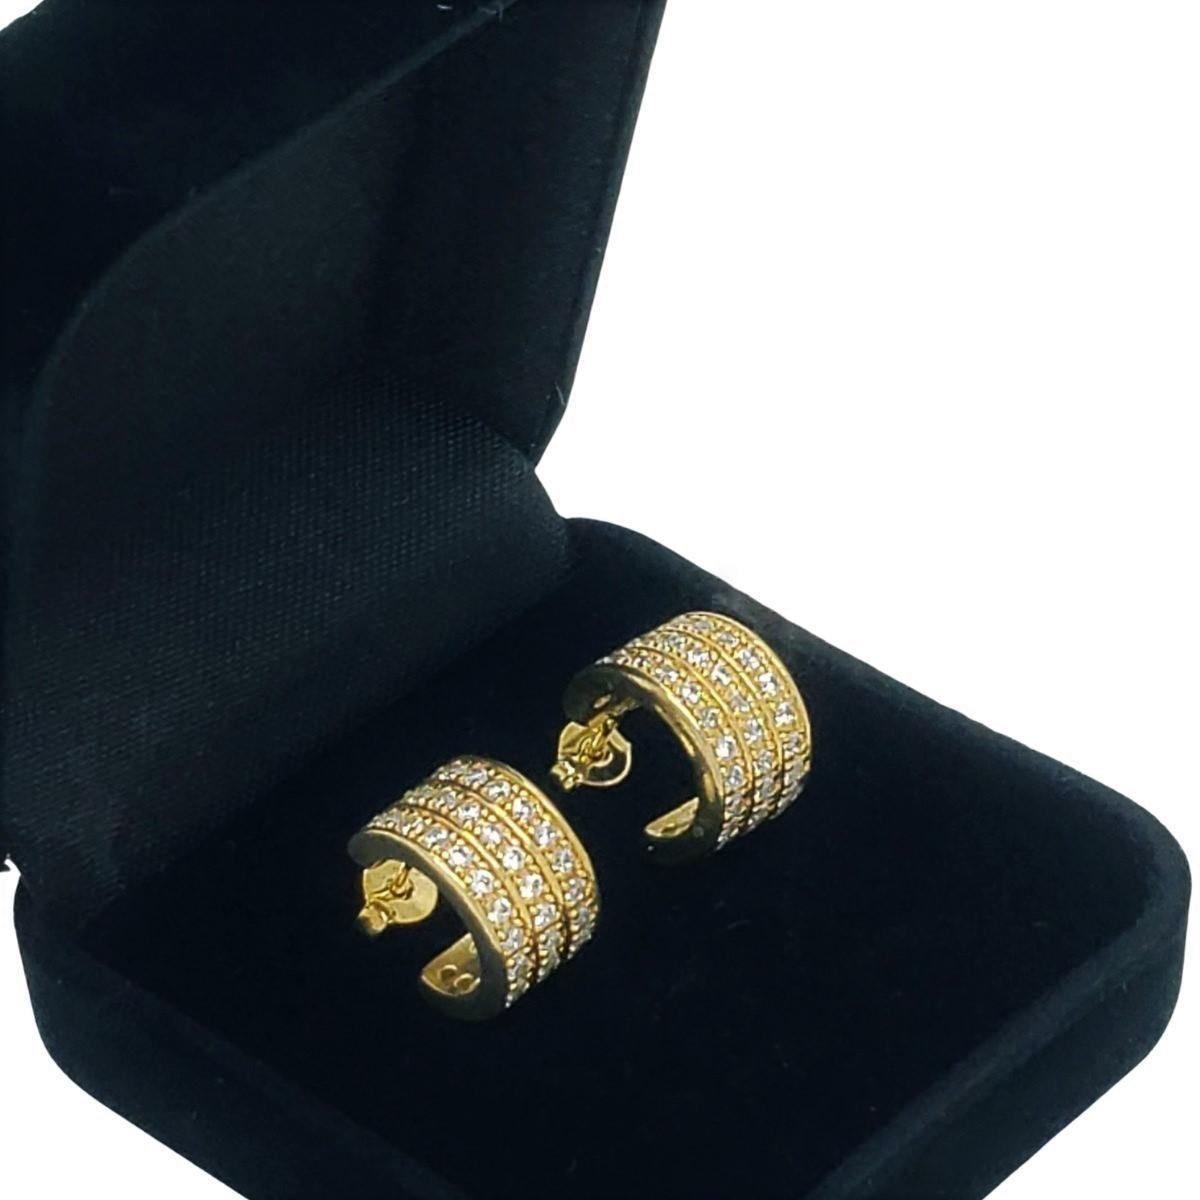 Brincos Argolas Cravejadas Com Zirconias Banho De Ouro 18k 1765